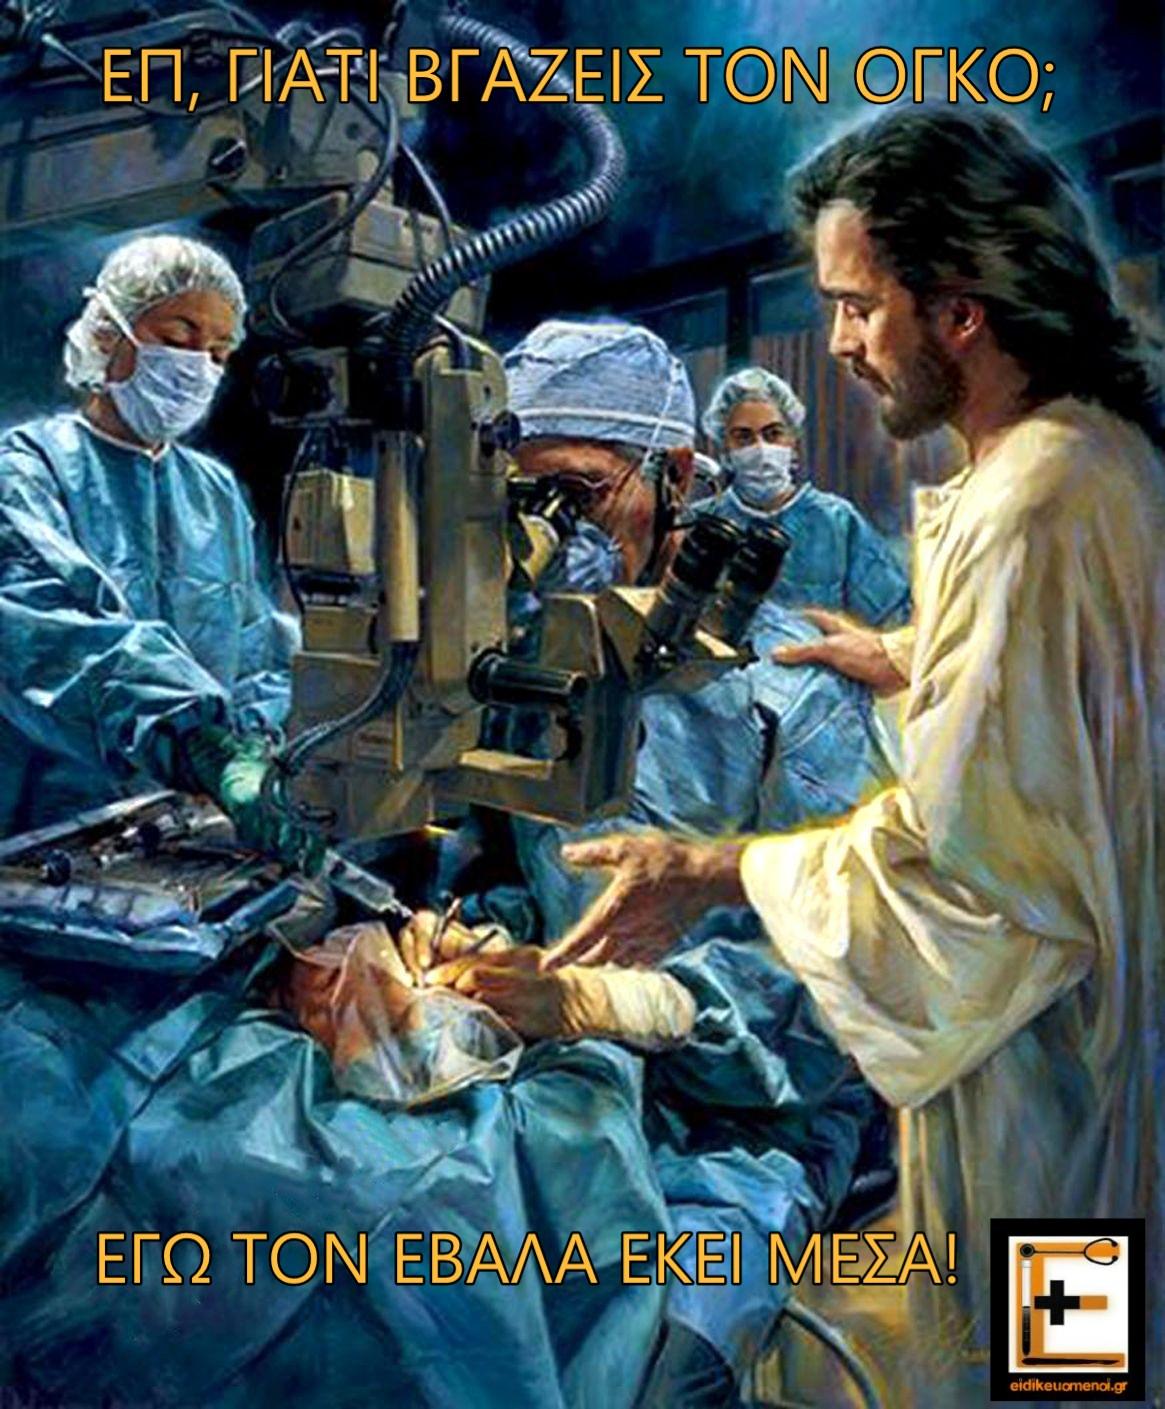 Επ, γιατί βγάζεις τον όγκο; Εγώ τον έβαλα εκεί μέσα! Χειρουργικό μικροσκόπιο, Ιησούς